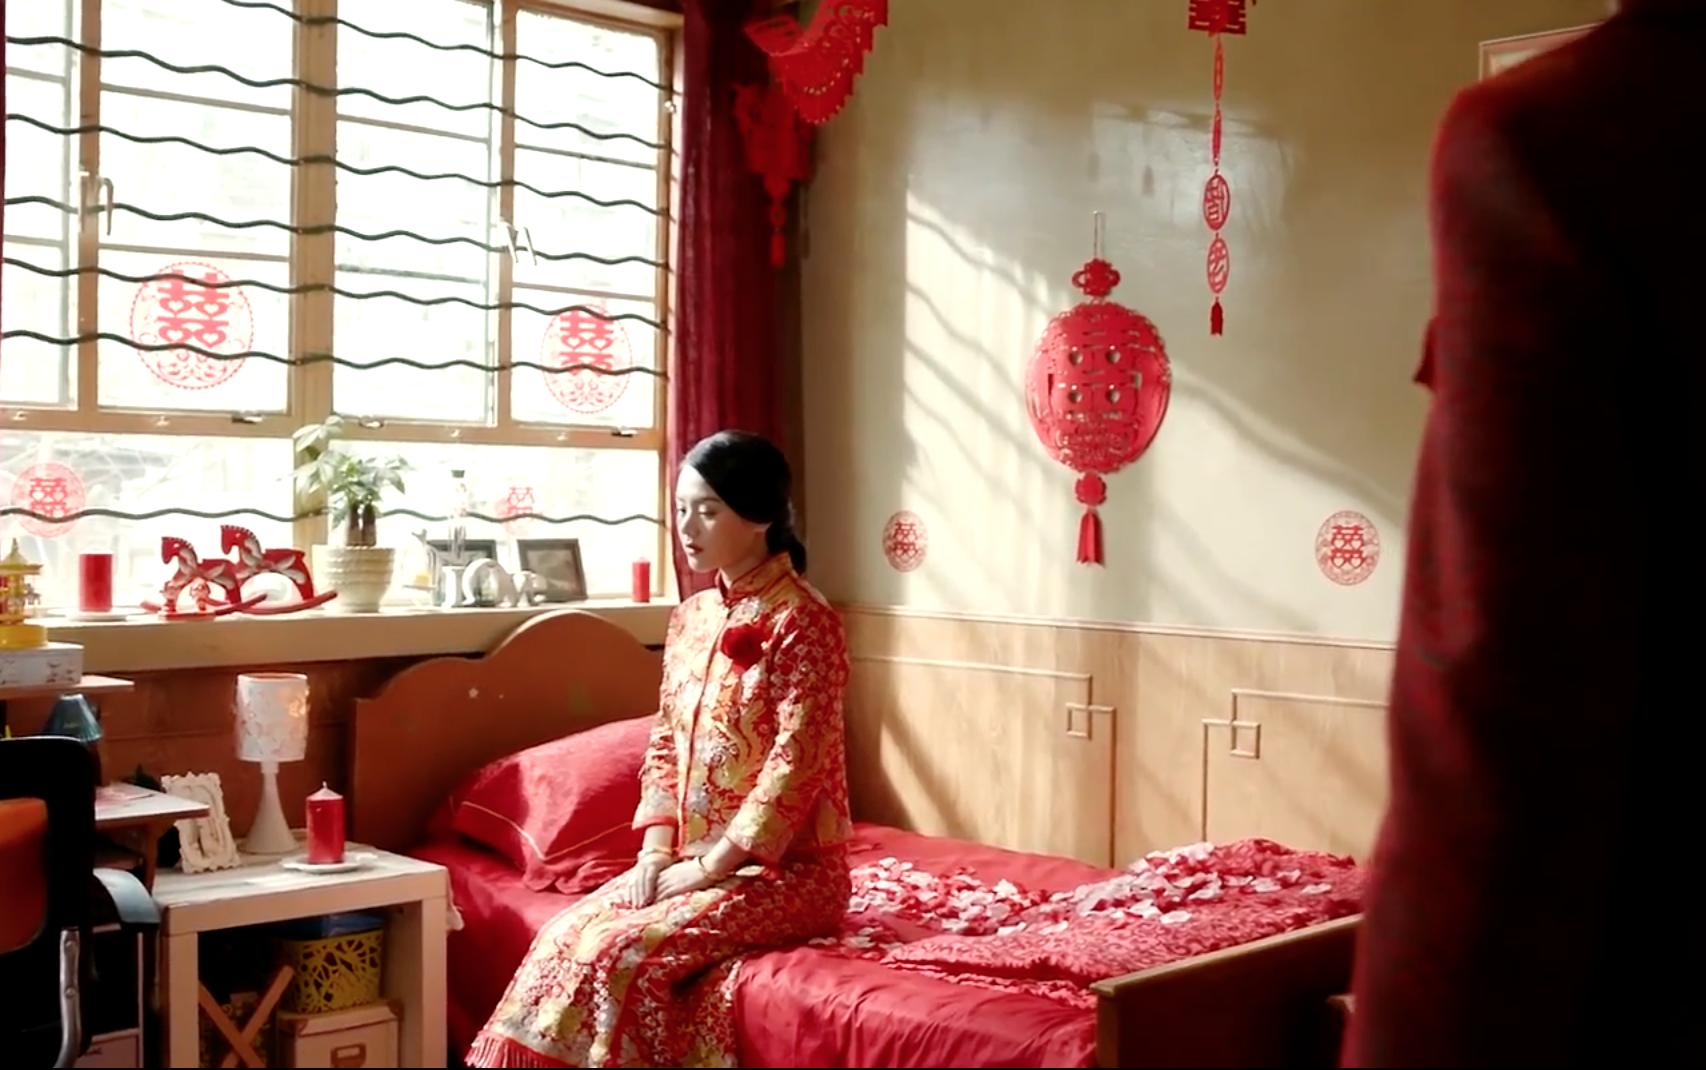 Thất Nguyệt và An Sinh: Hai cô gái gắn bó với nhau suốt một đời, ăn cùng mâm, ngủ cùng giường và yêu cùng một người - Ảnh 9.